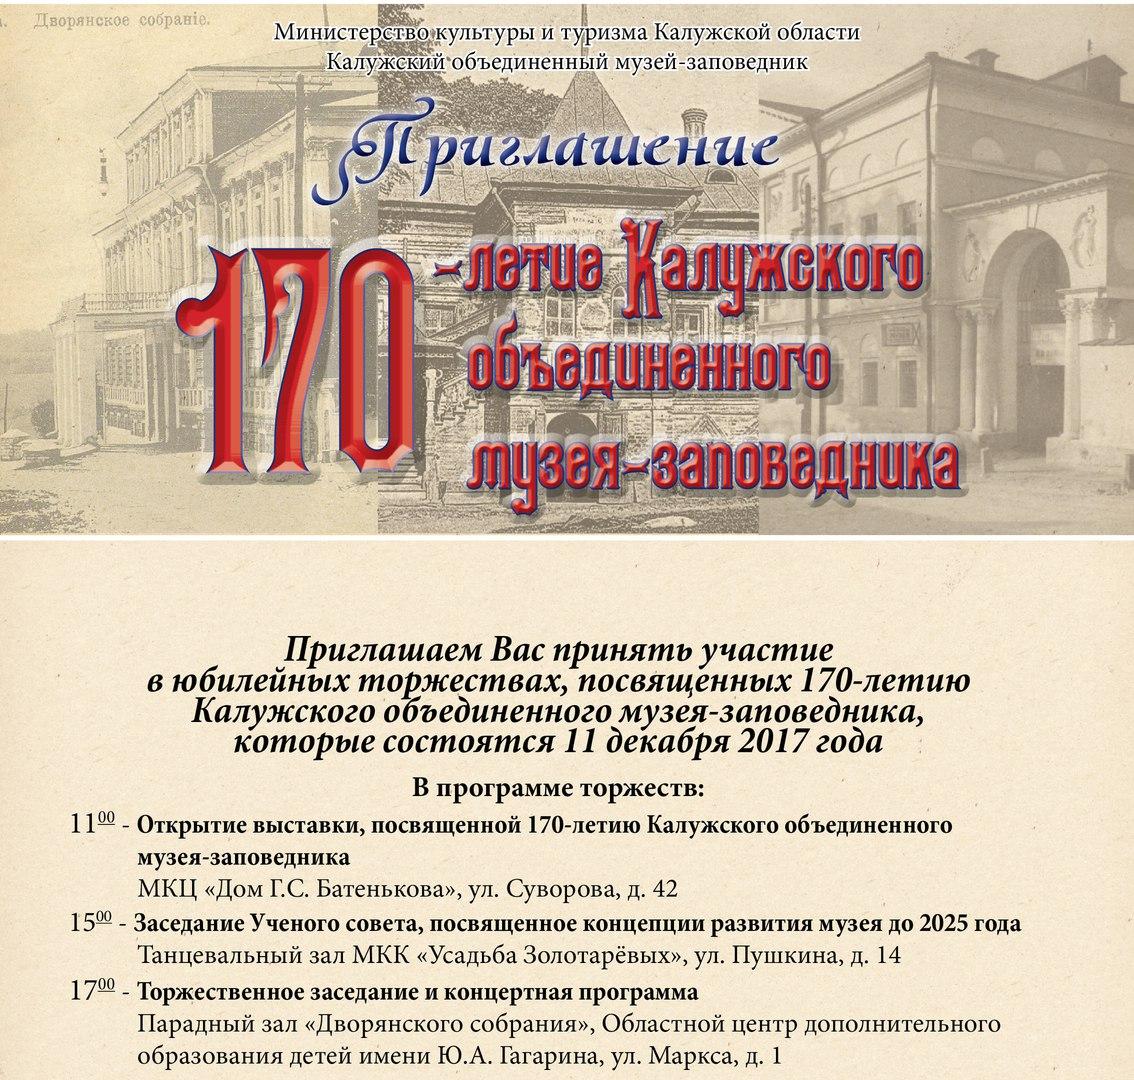 Калужский объединенный музей-заповедник отметит 170-летие